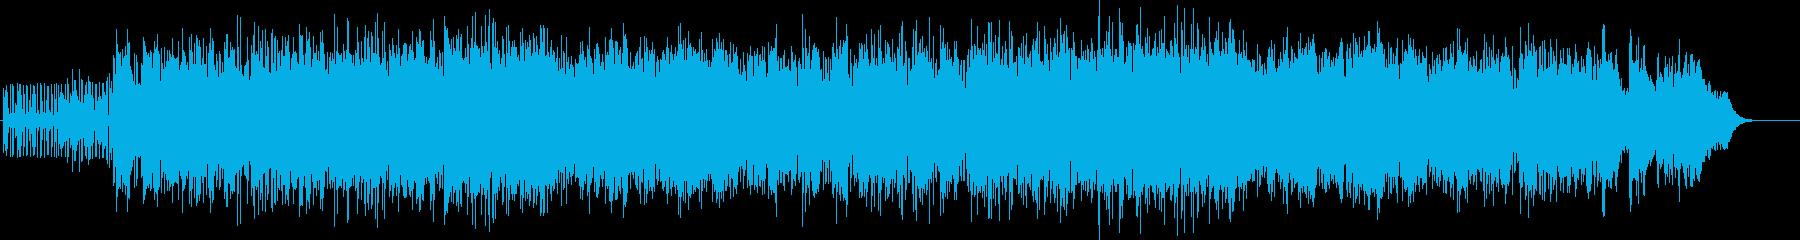 はじける感じで電子的の再生済みの波形